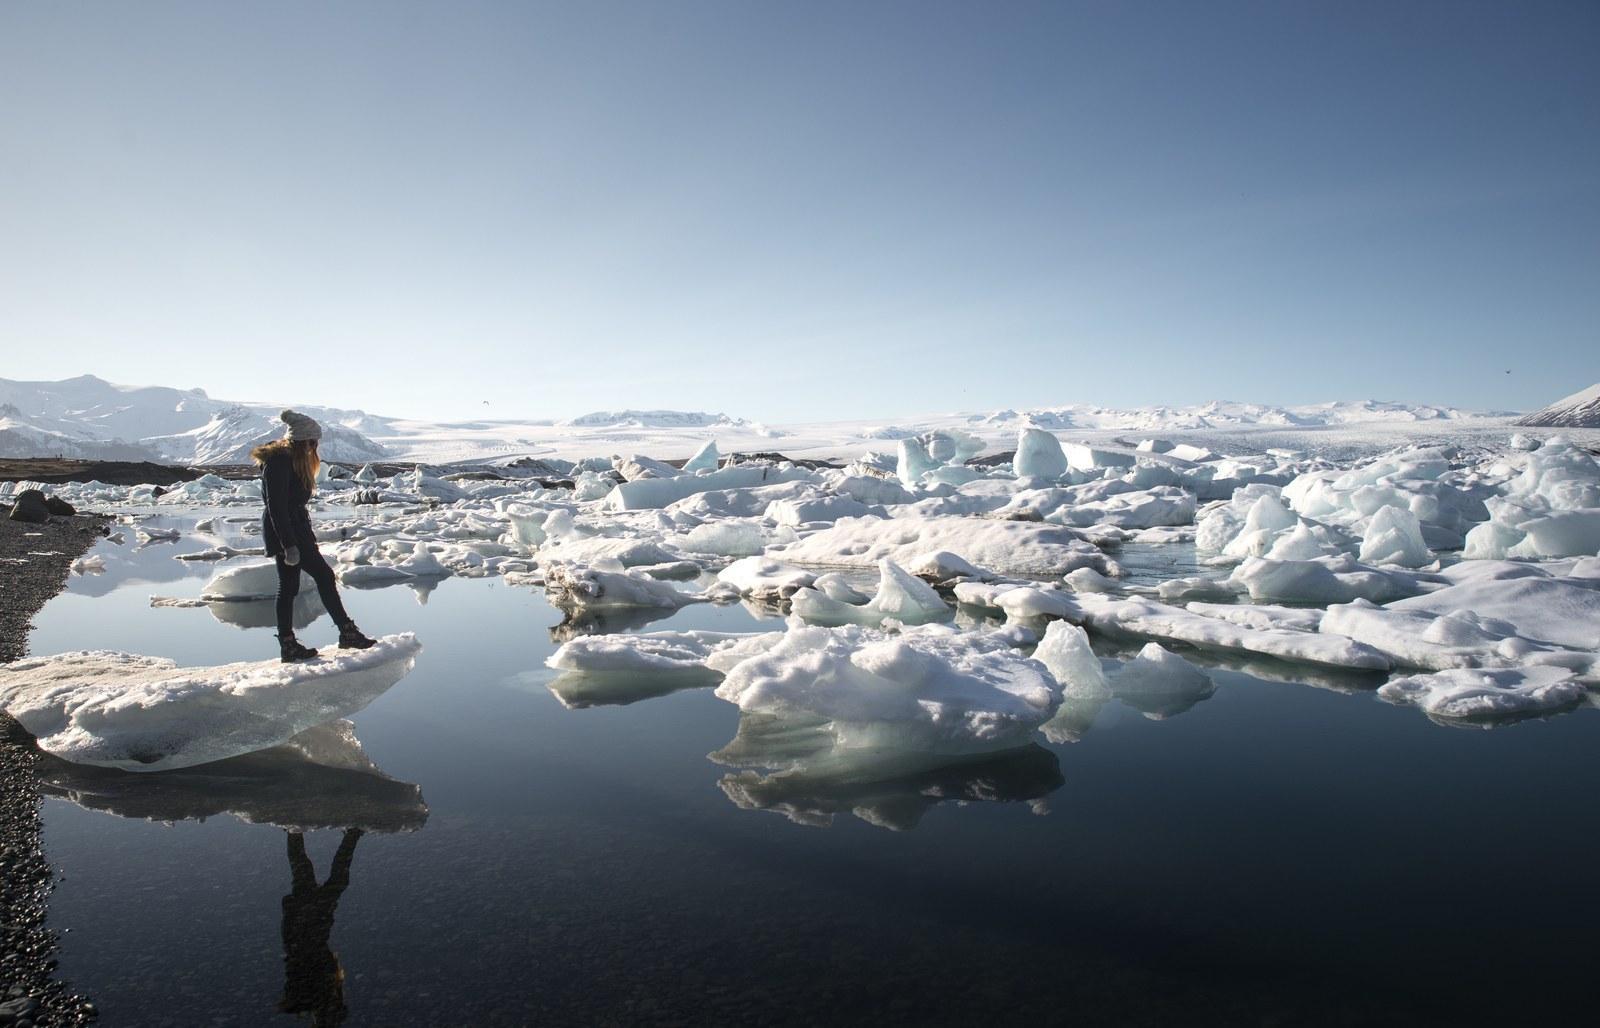 Lac de glace, Jökulsárlón